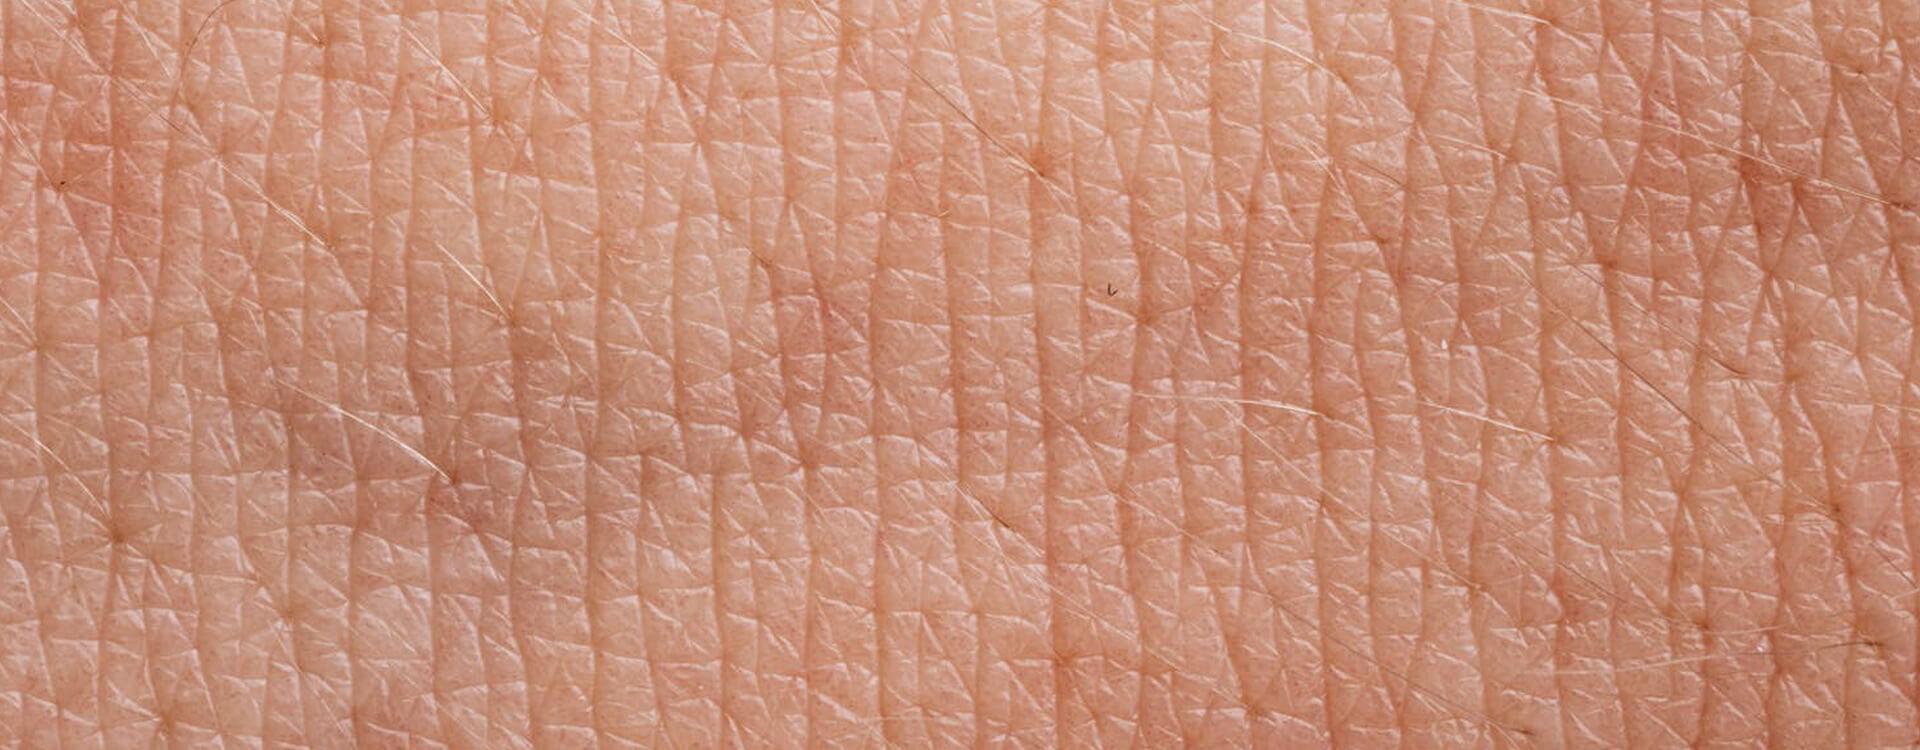 Štruktúra ľudskej pokožky - detailná fotografia